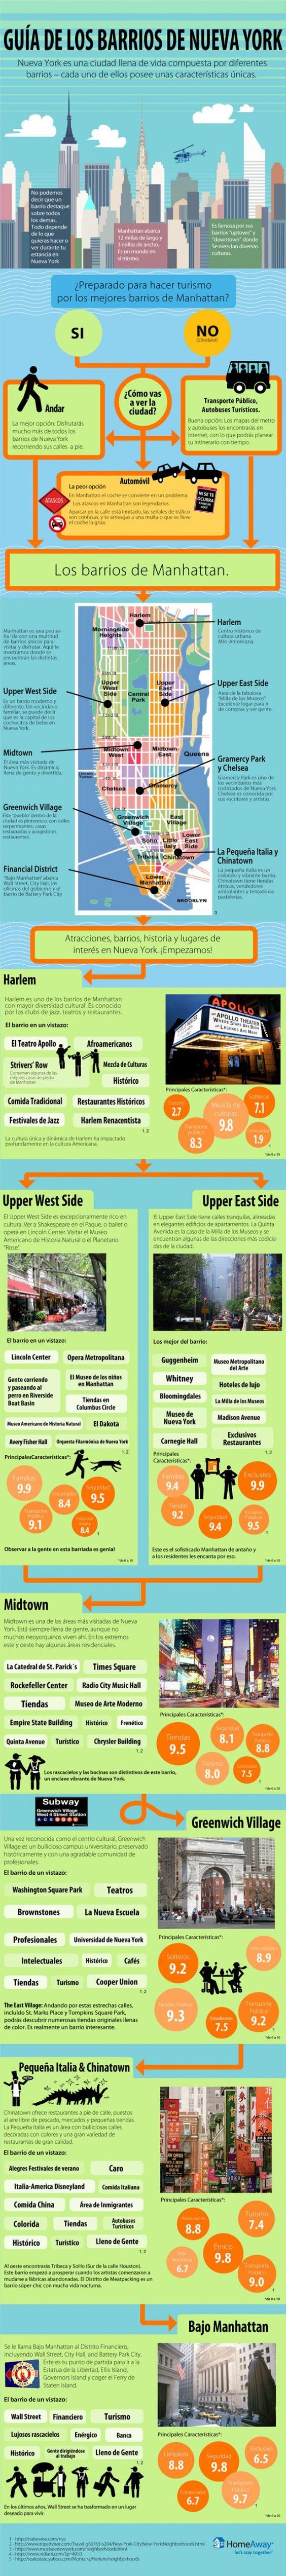 Guía de barrios de Nueva York #infografia #infographic #tourism: